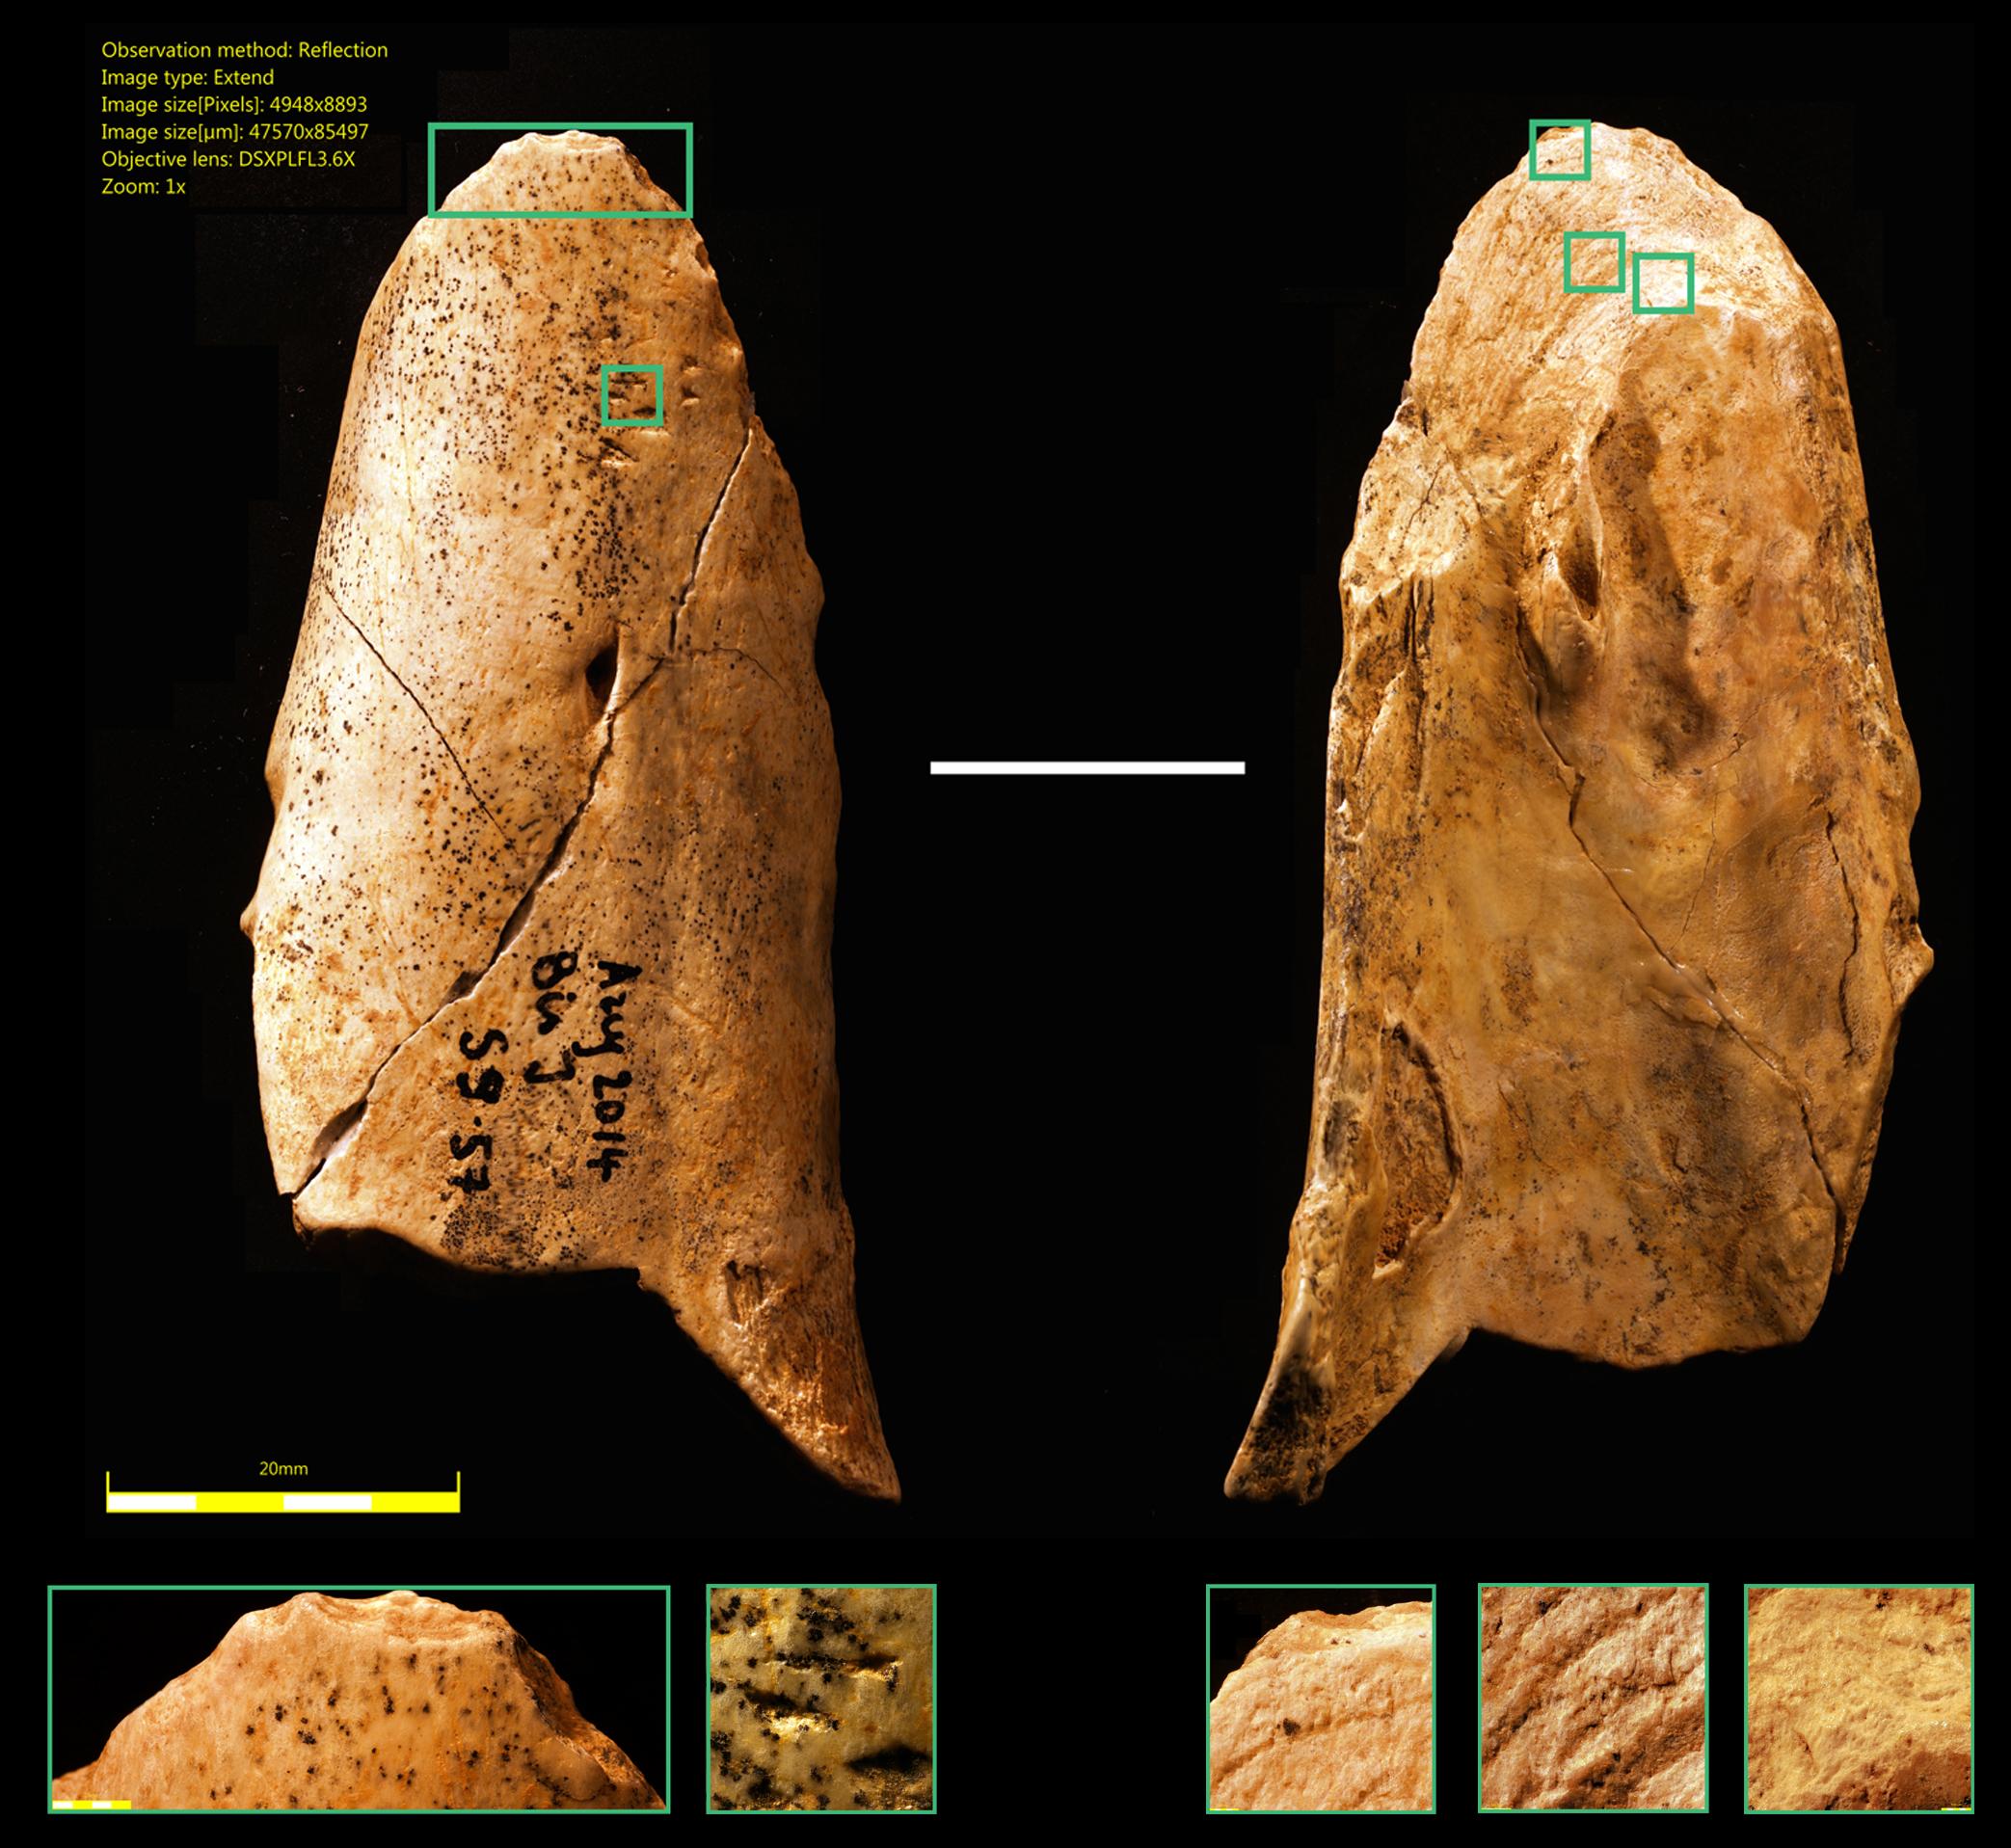 Además de medicinas, los neandertales también usaban herramientas multiusos, como estas de hueso encontrada por investigadores de la Universidad de Montreal en 2015. Fuente: Alphagalileo.